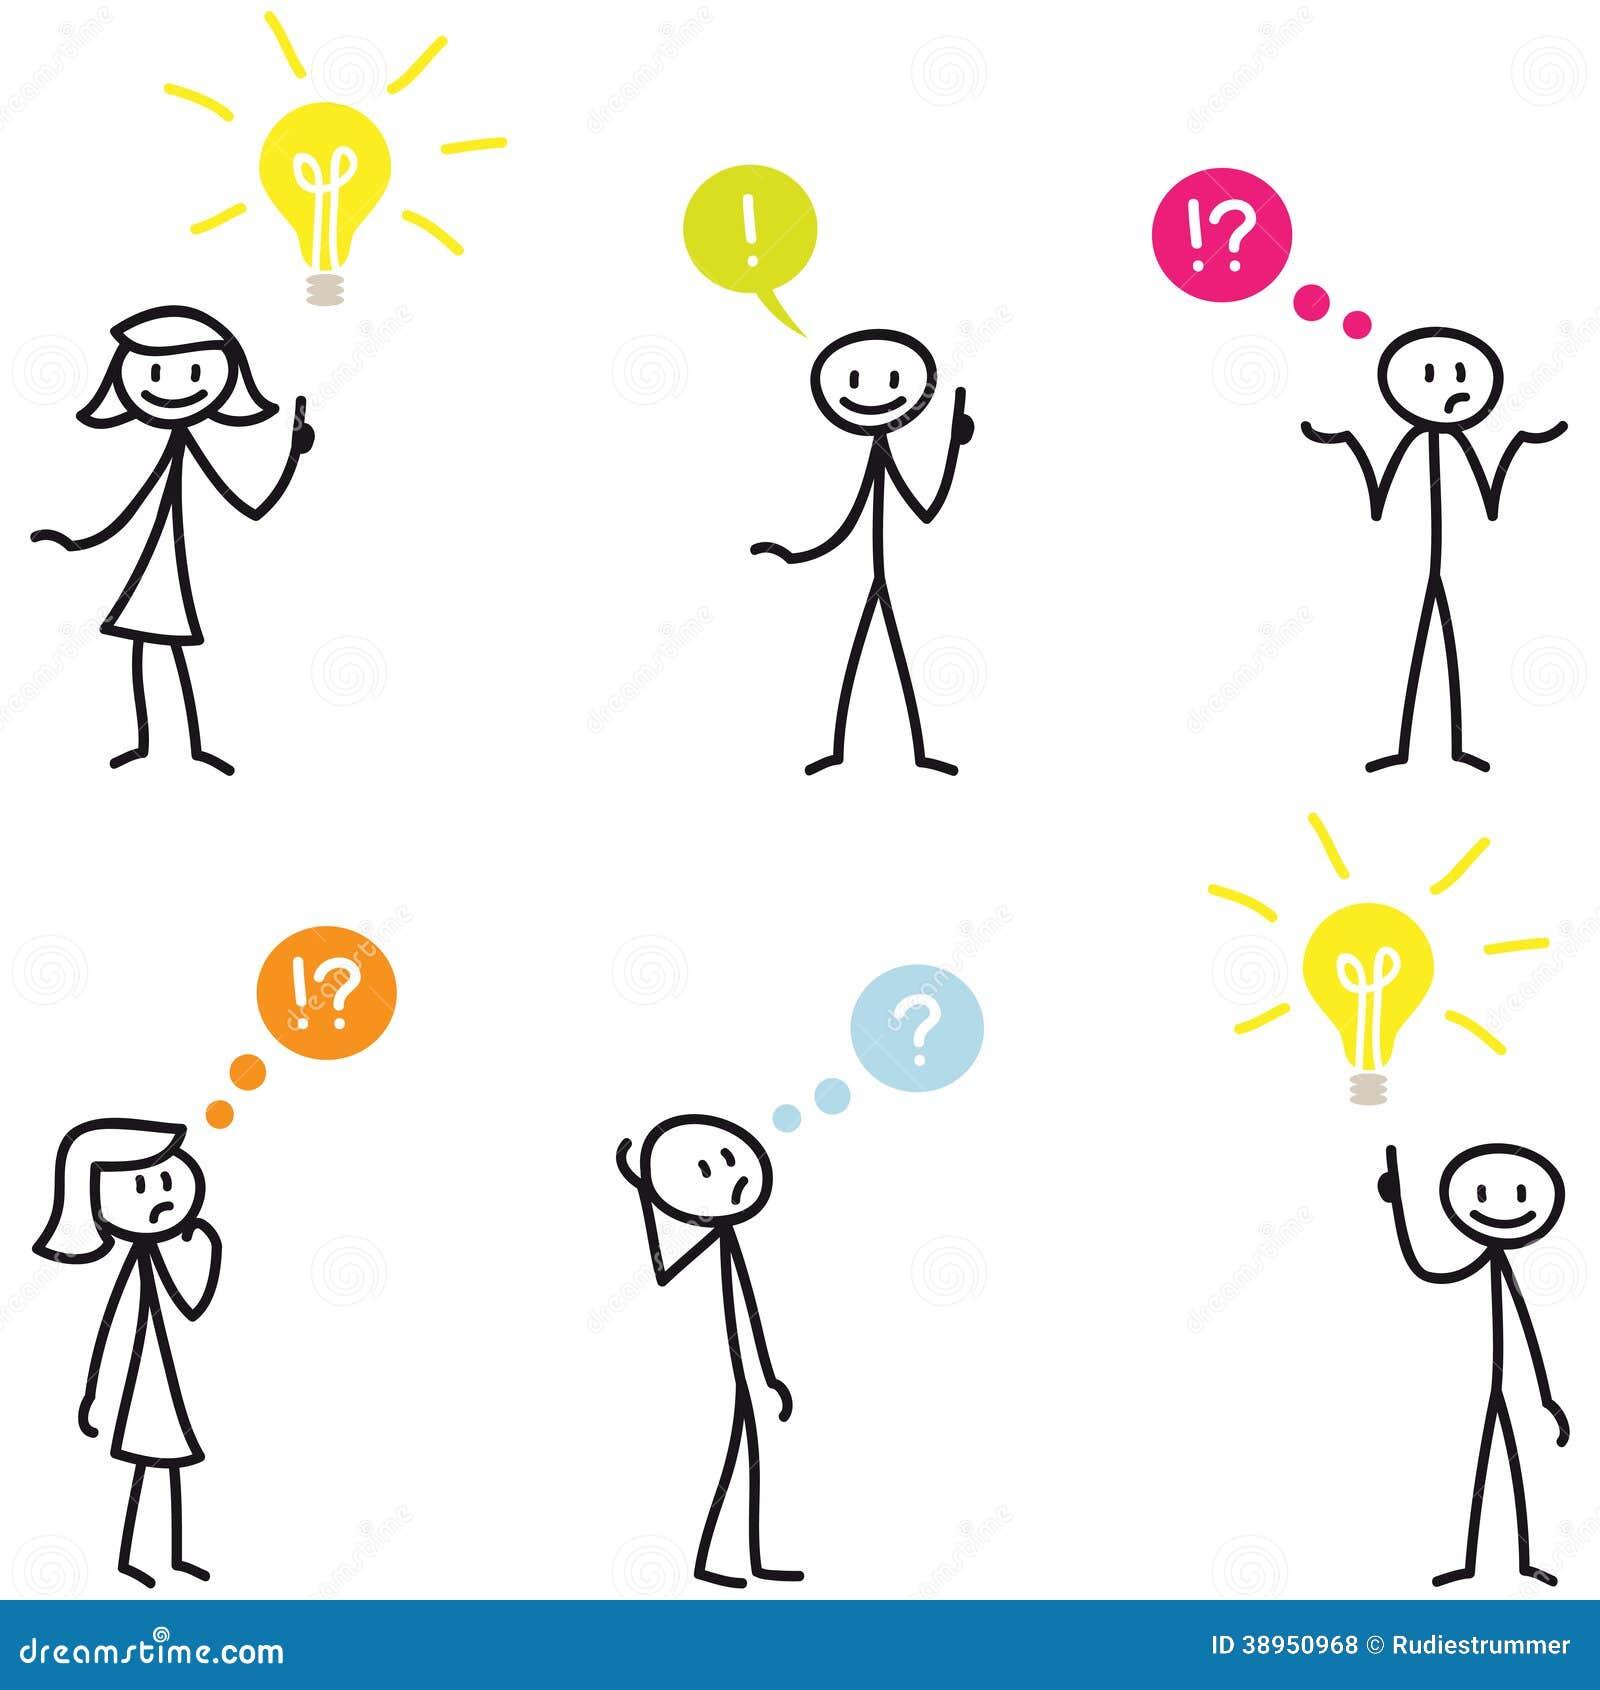 Stickman Stick Figure Light Bulb Idea Question Stock Vector